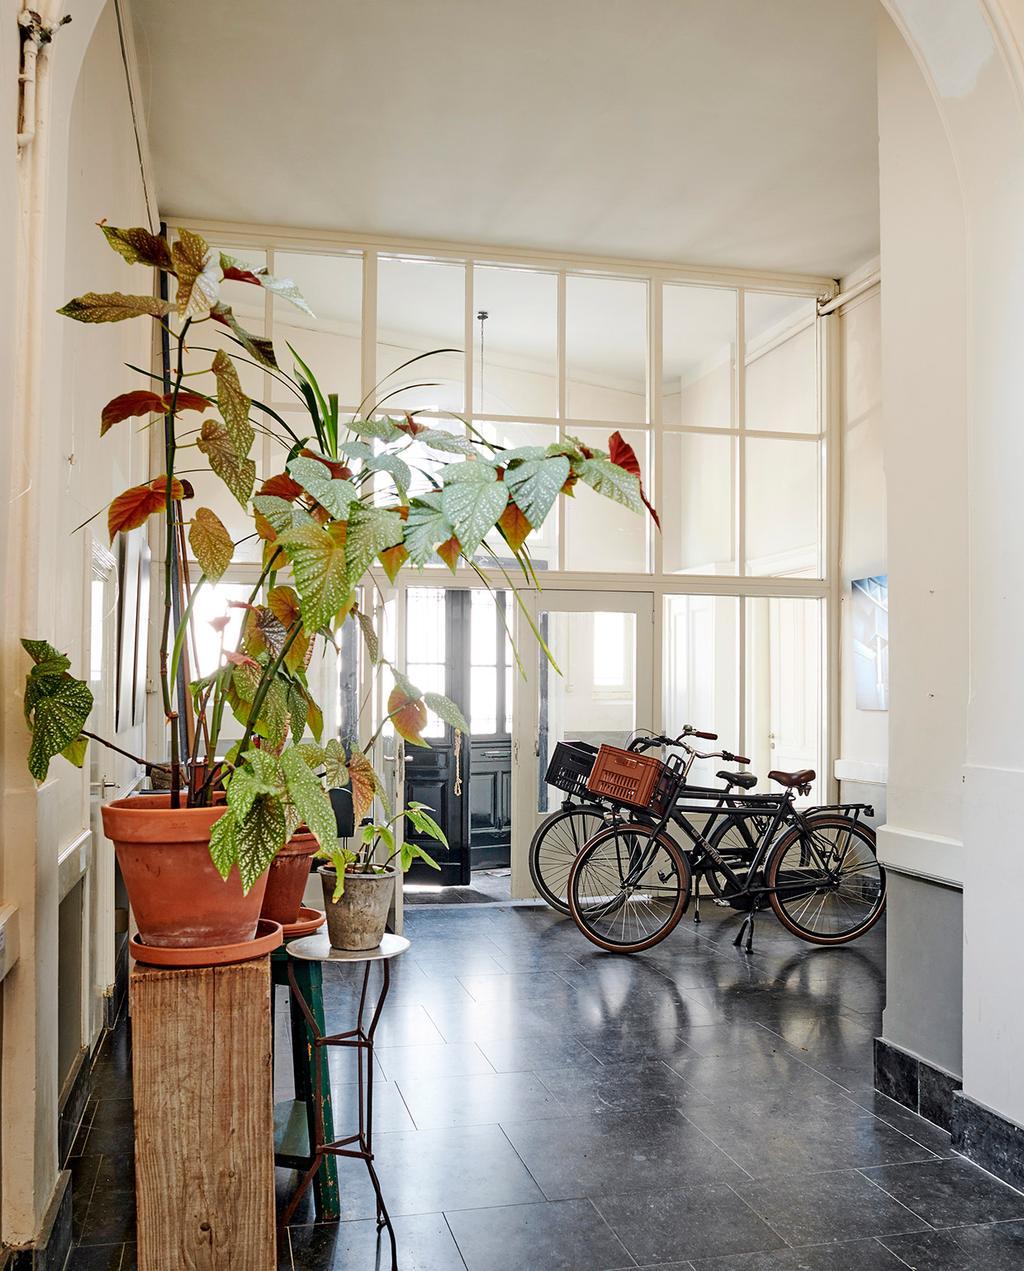 vtwonen 07-2021 | fietsen in het huis met grote ramen